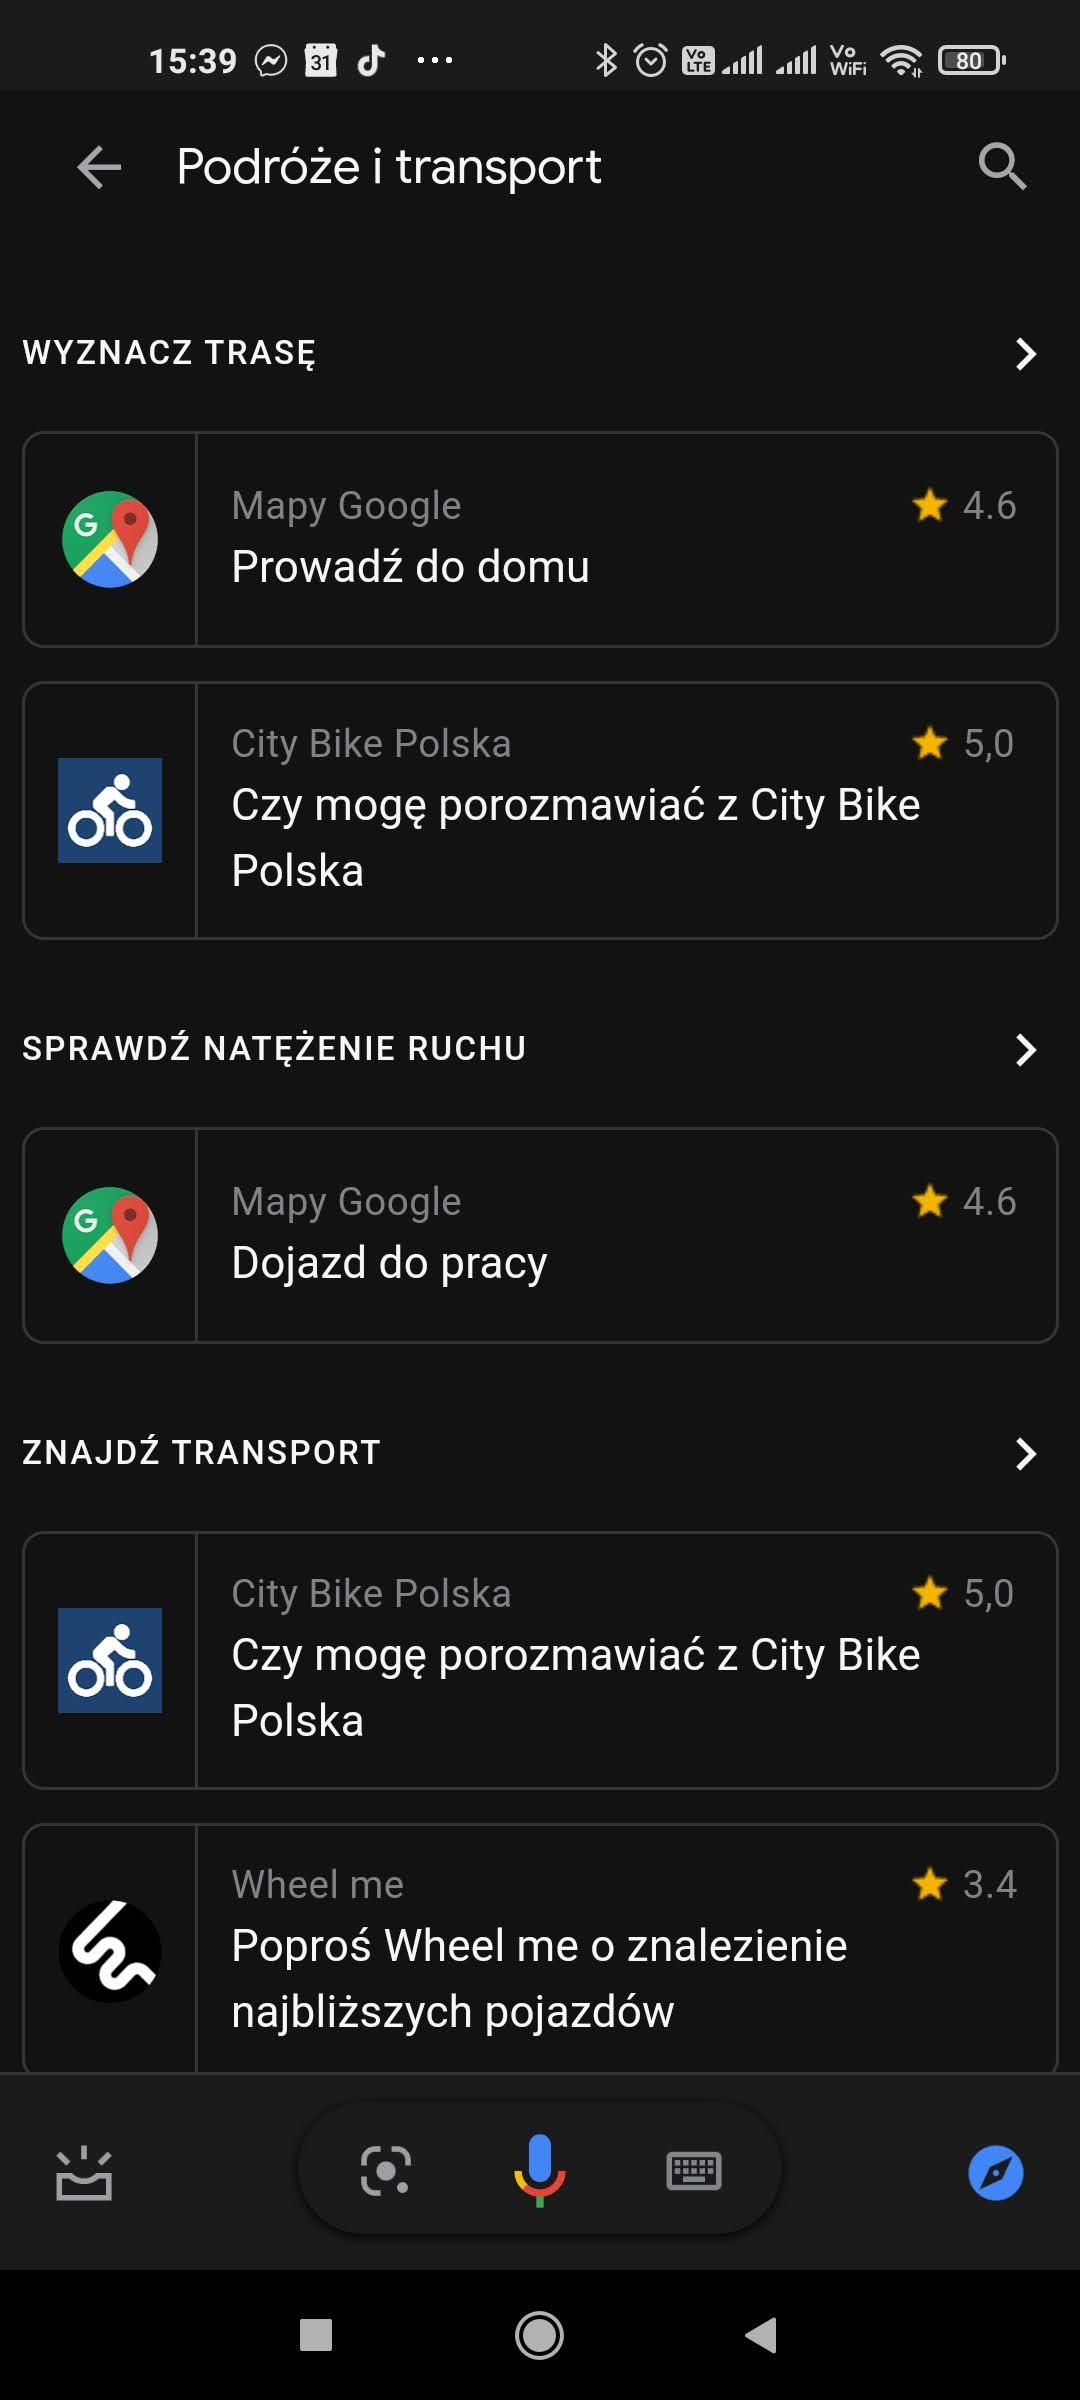 podroze i transport wyszukiwanie asystent google